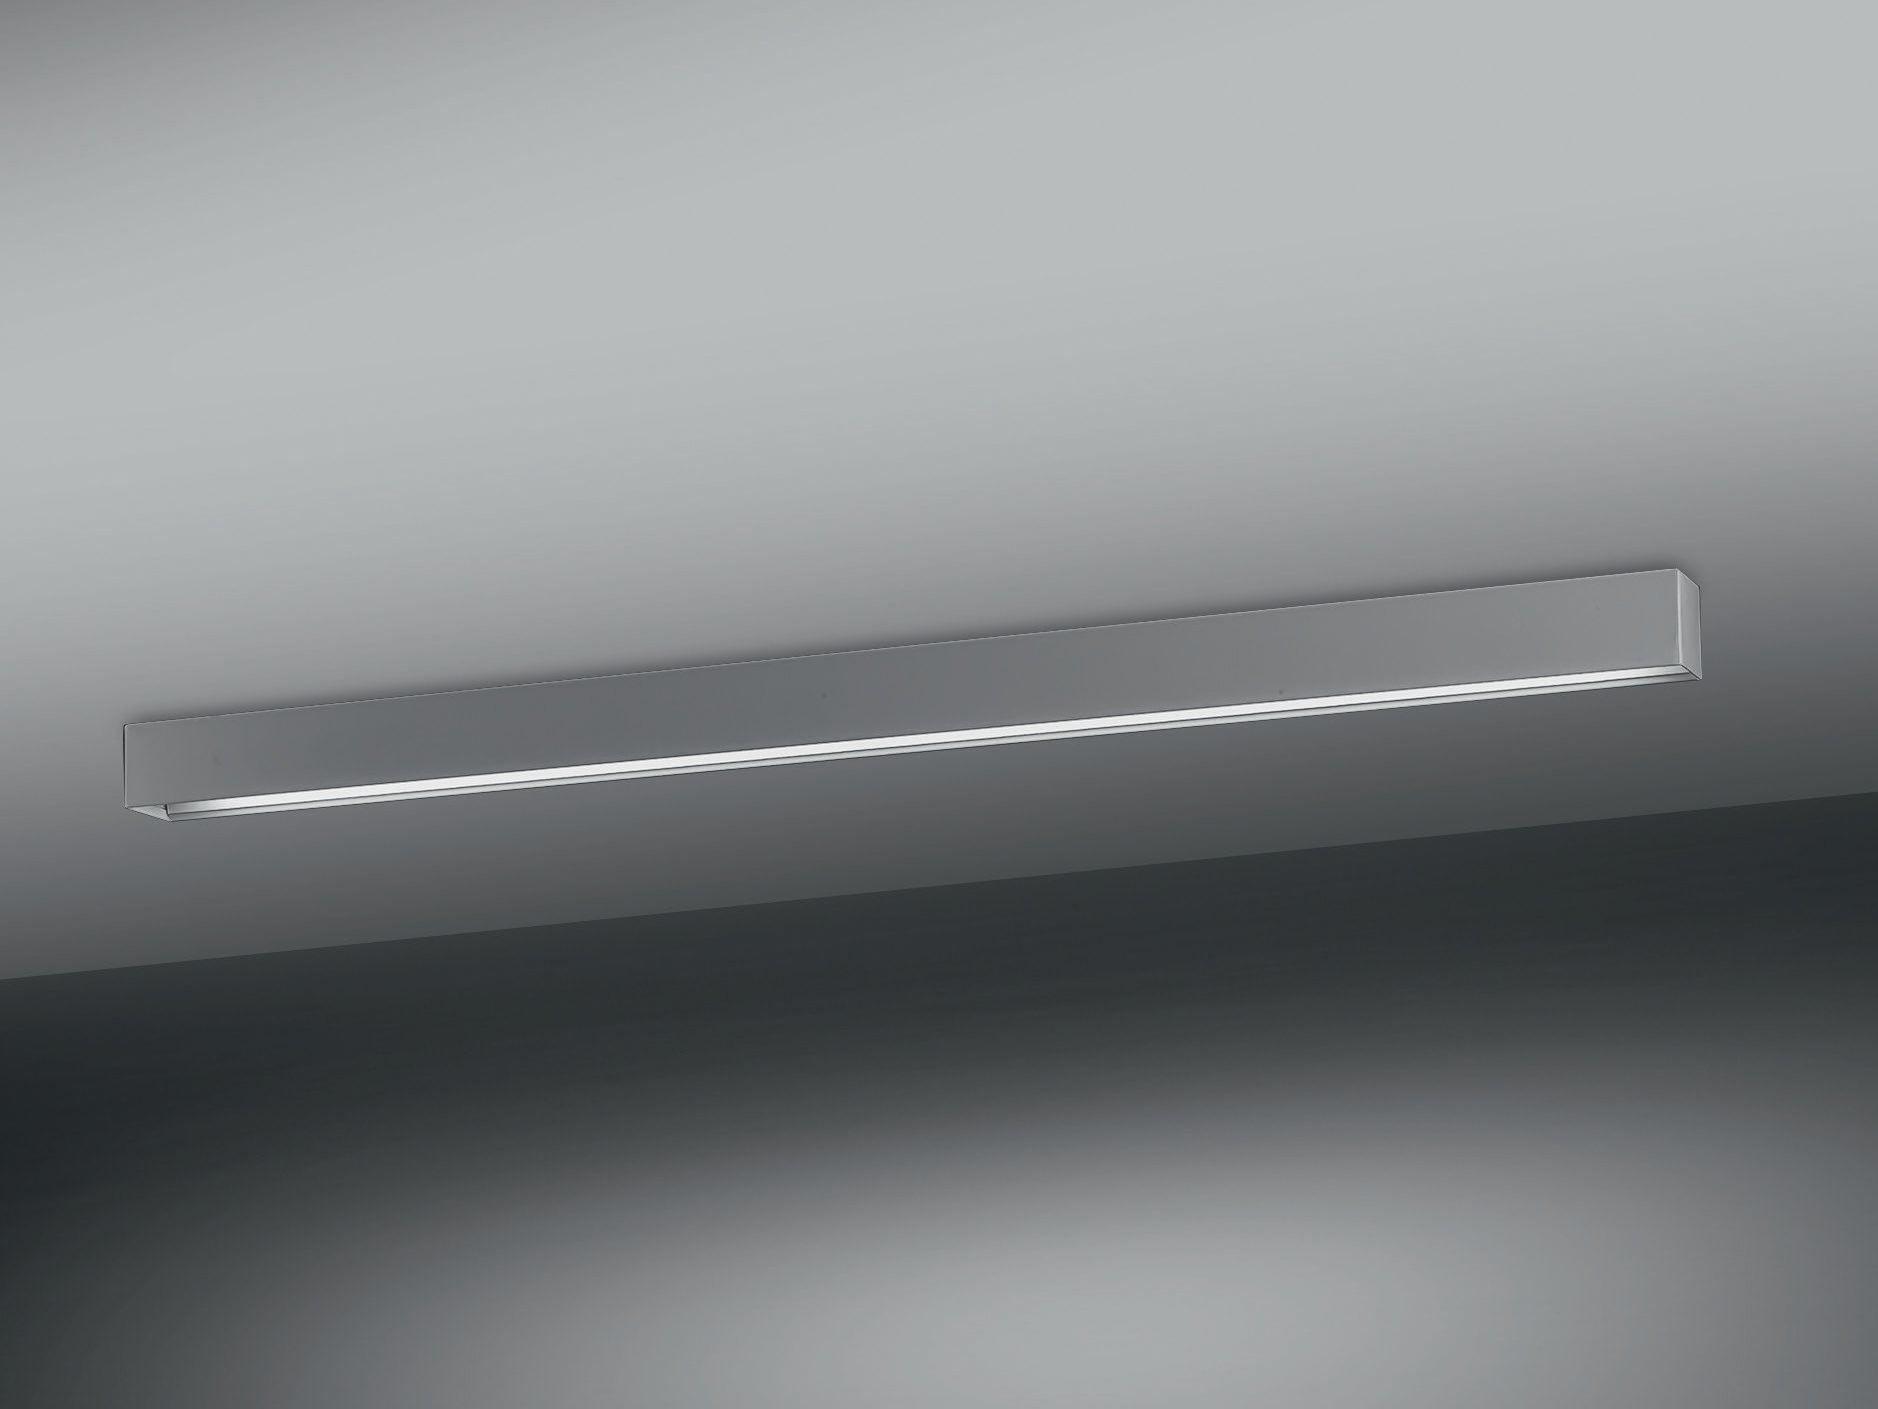 RETTA Lampada da soffitto by Olev by CLM Illuminazione design Massimo Broglio